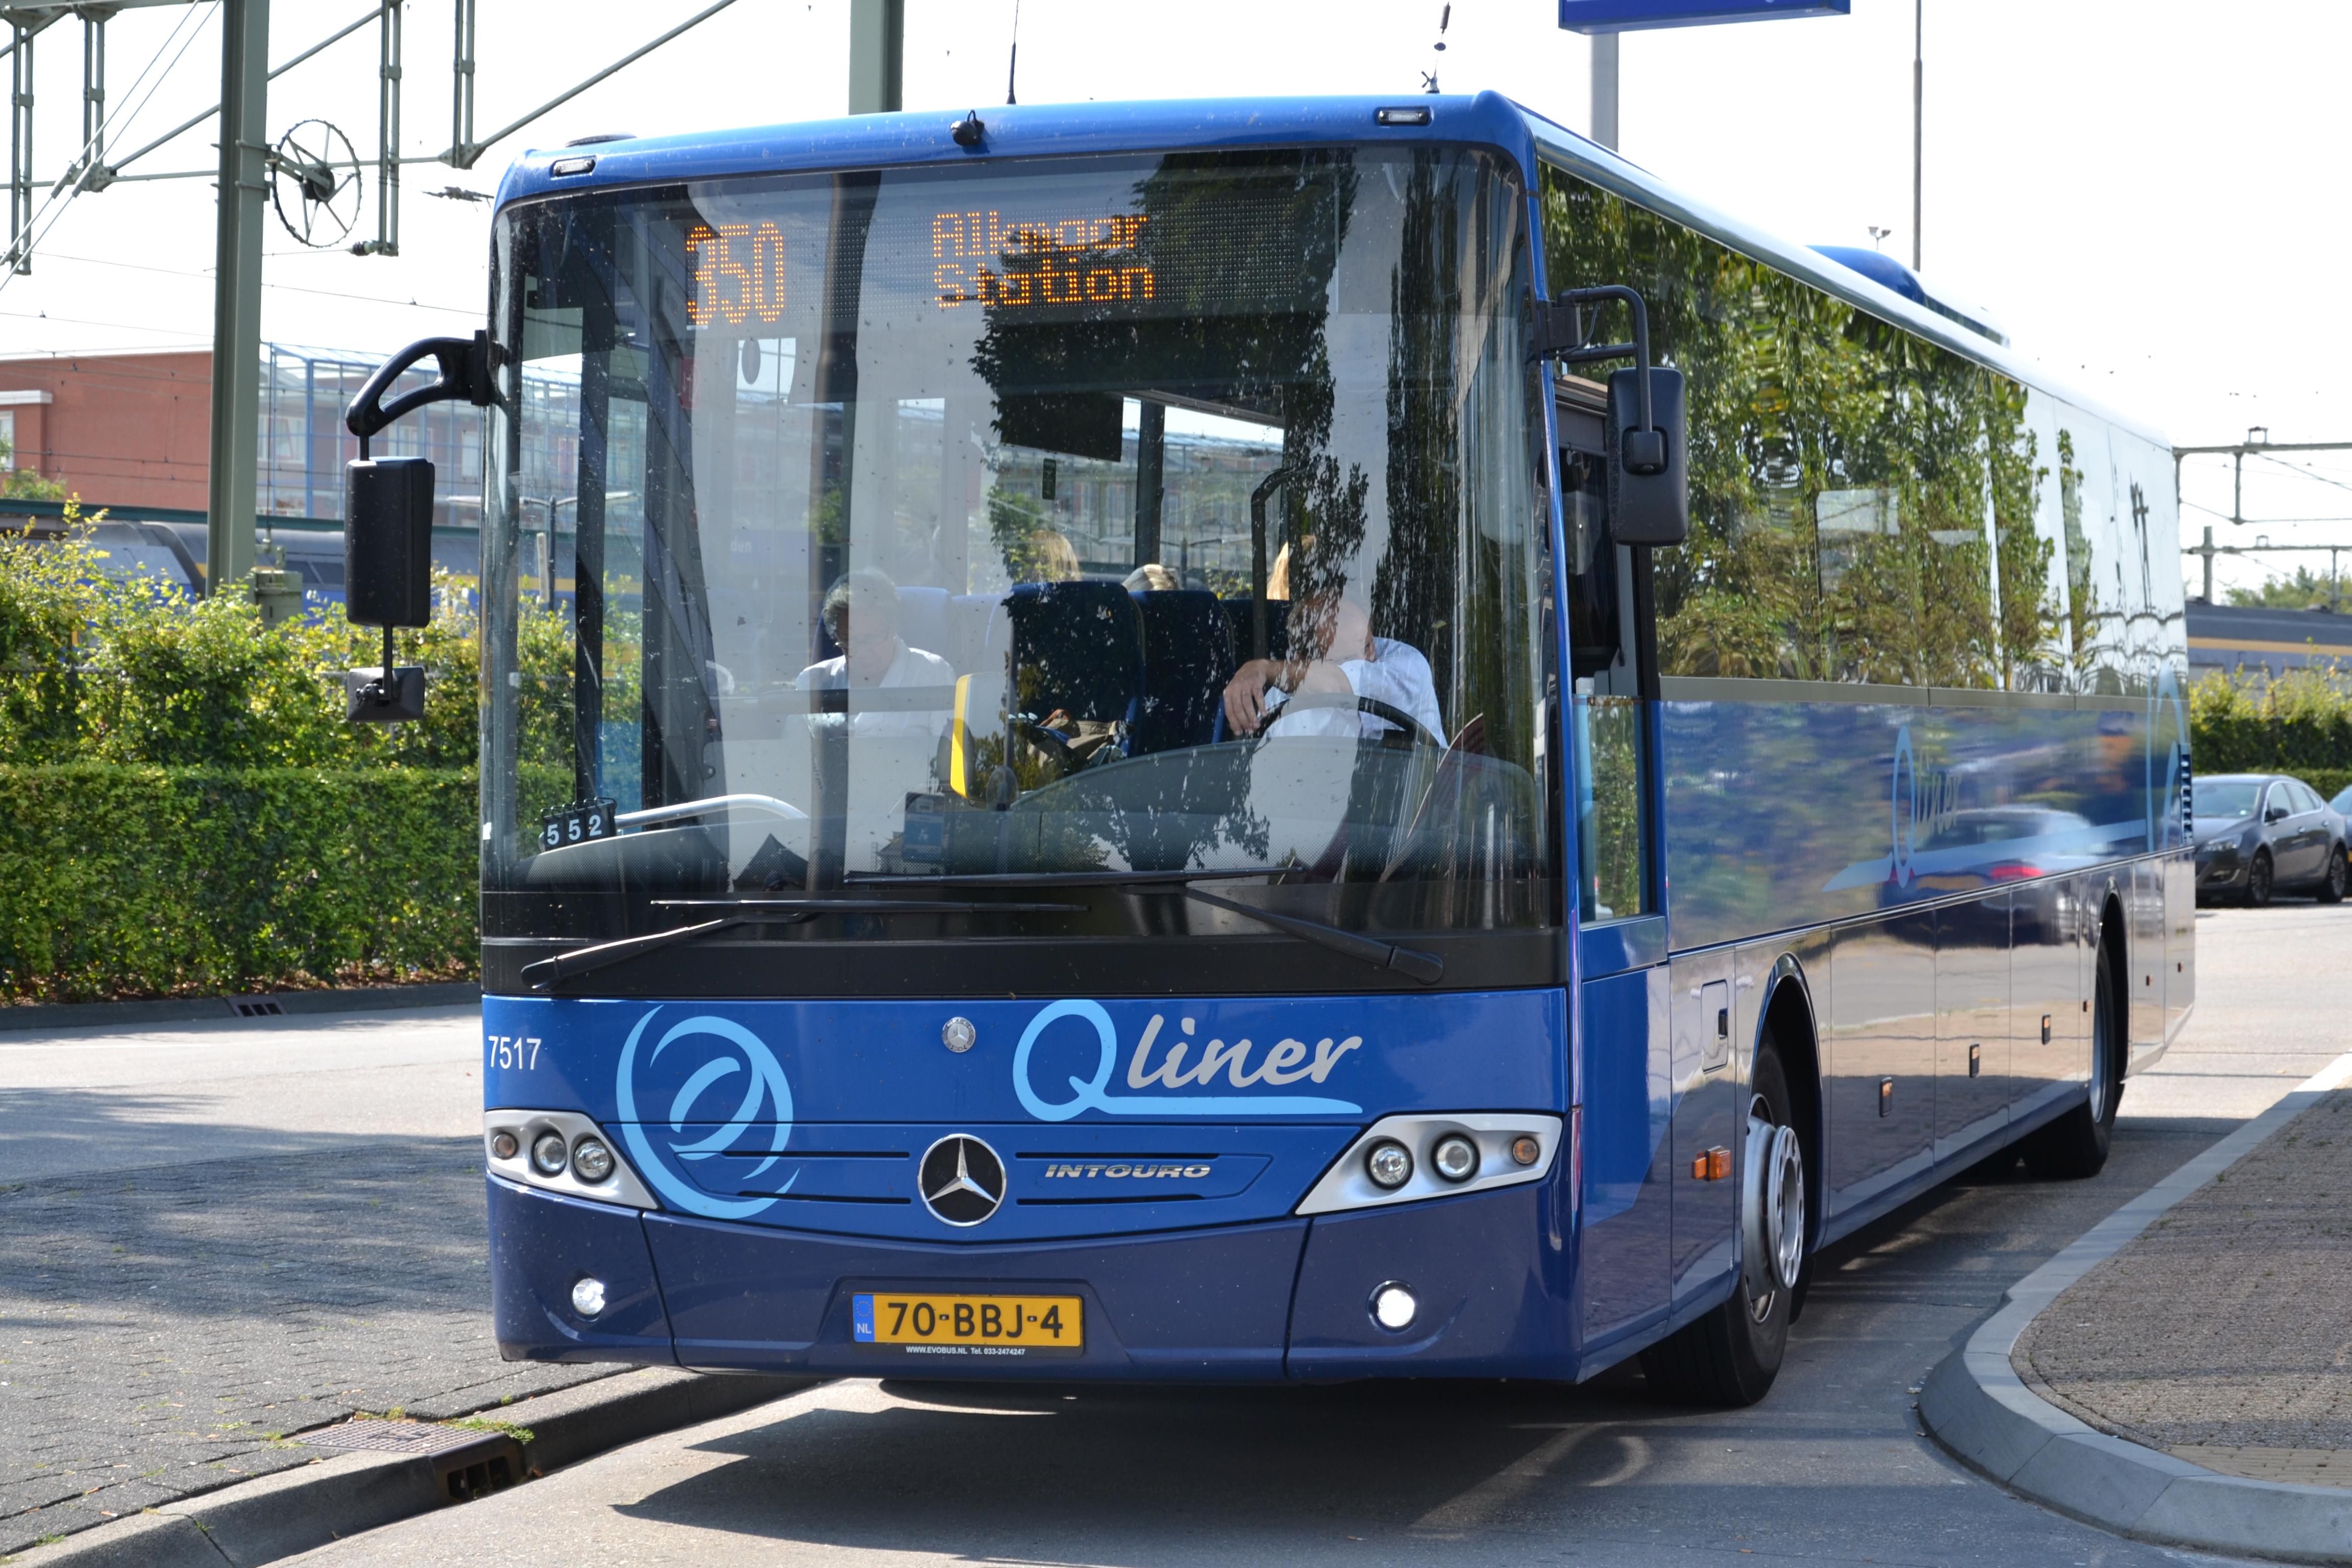 File:Arriva 7517, Leeuwarden busstation (9733095104).jpg